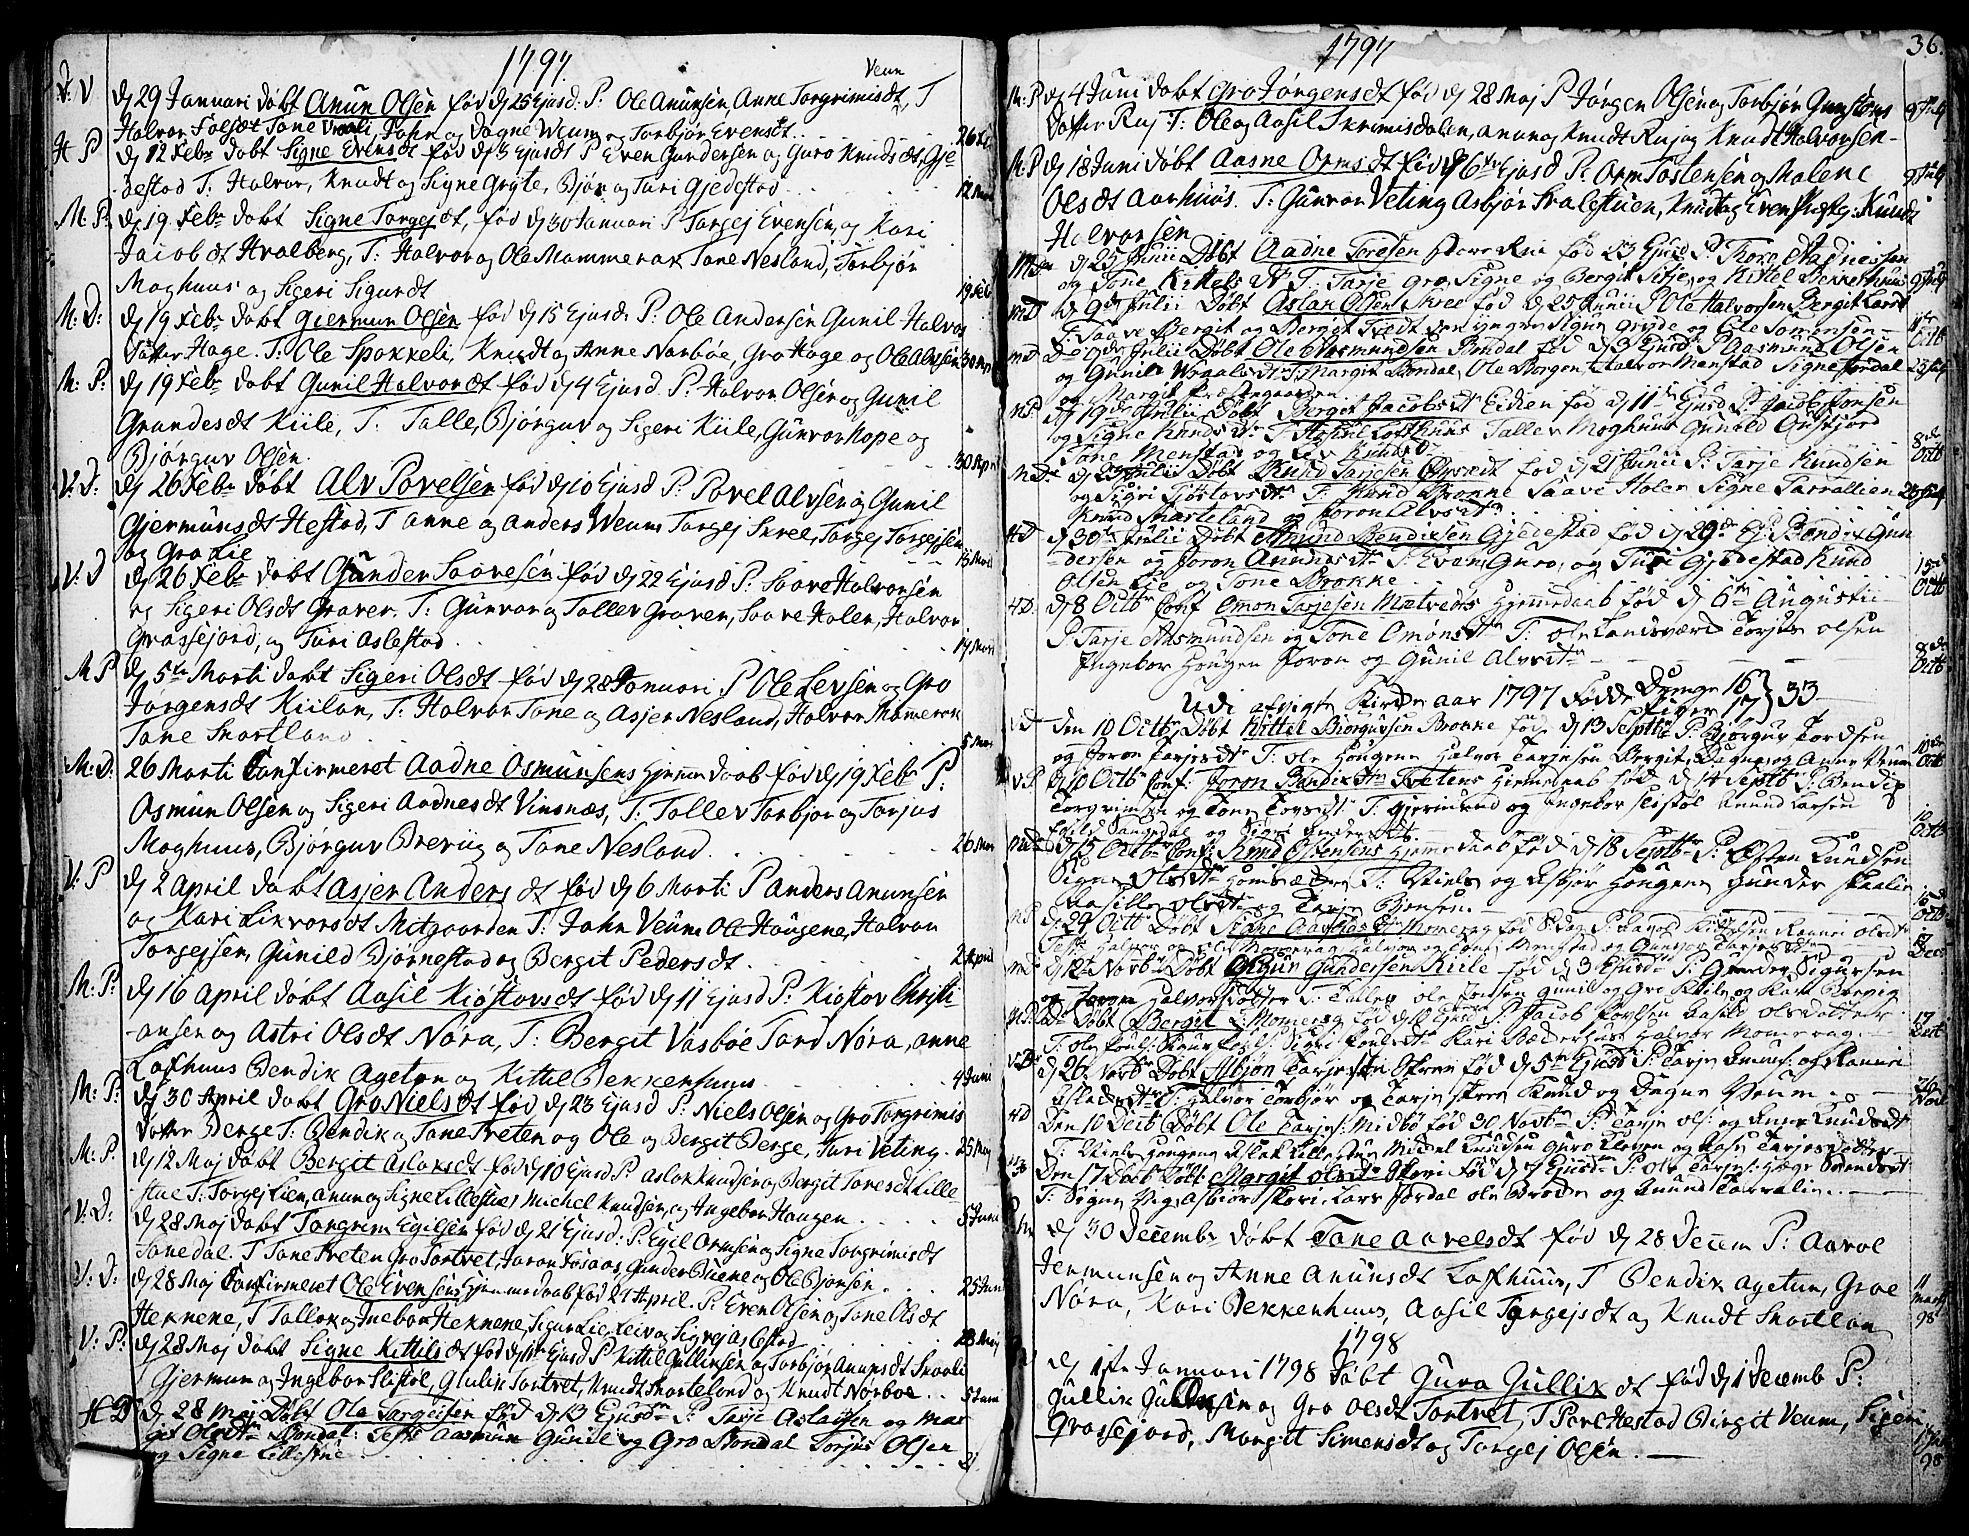 SAKO, Fyresdal kirkebøker, F/Fa/L0002: Ministerialbok nr. I 2, 1769-1814, s. 36